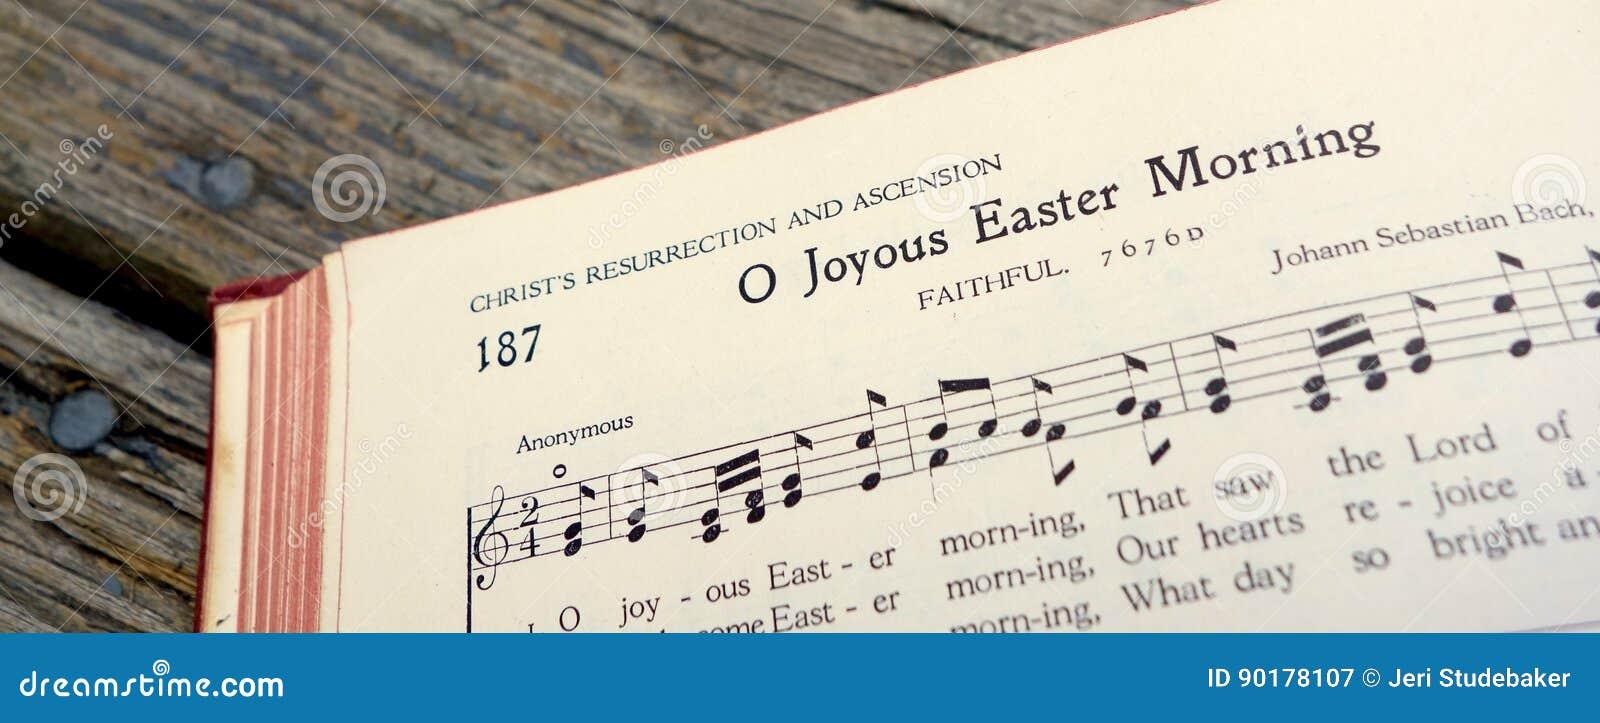 Pasen Christus Zich voorgedane Joy Joyous